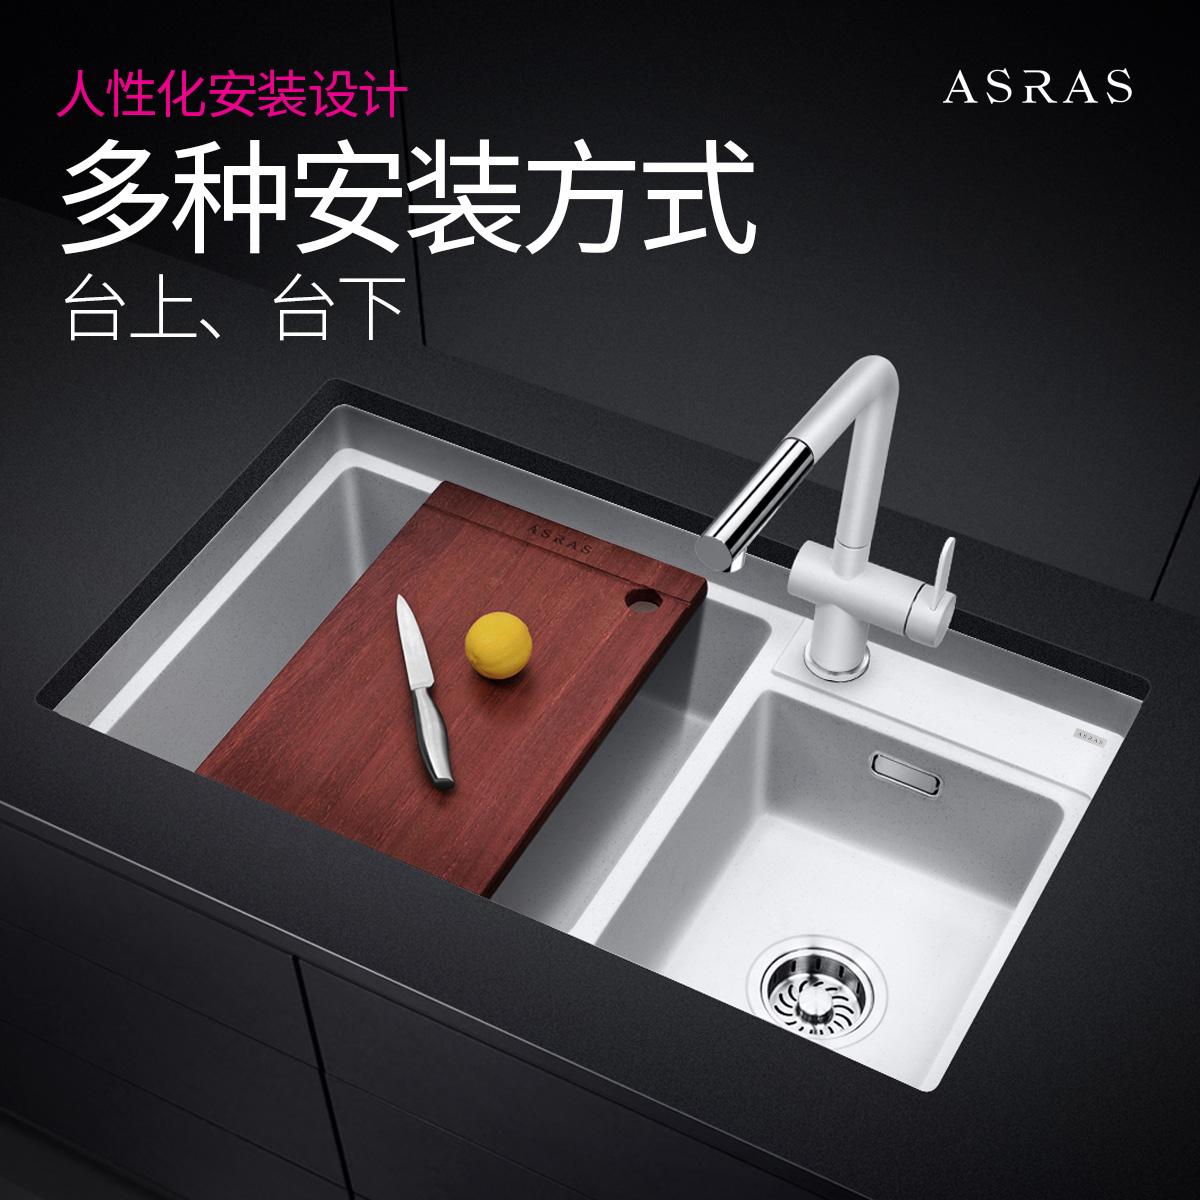 阿萨斯加厚石英石花岗岩手工水槽双槽厨房洗菜盆洗碗盆水池水盆大